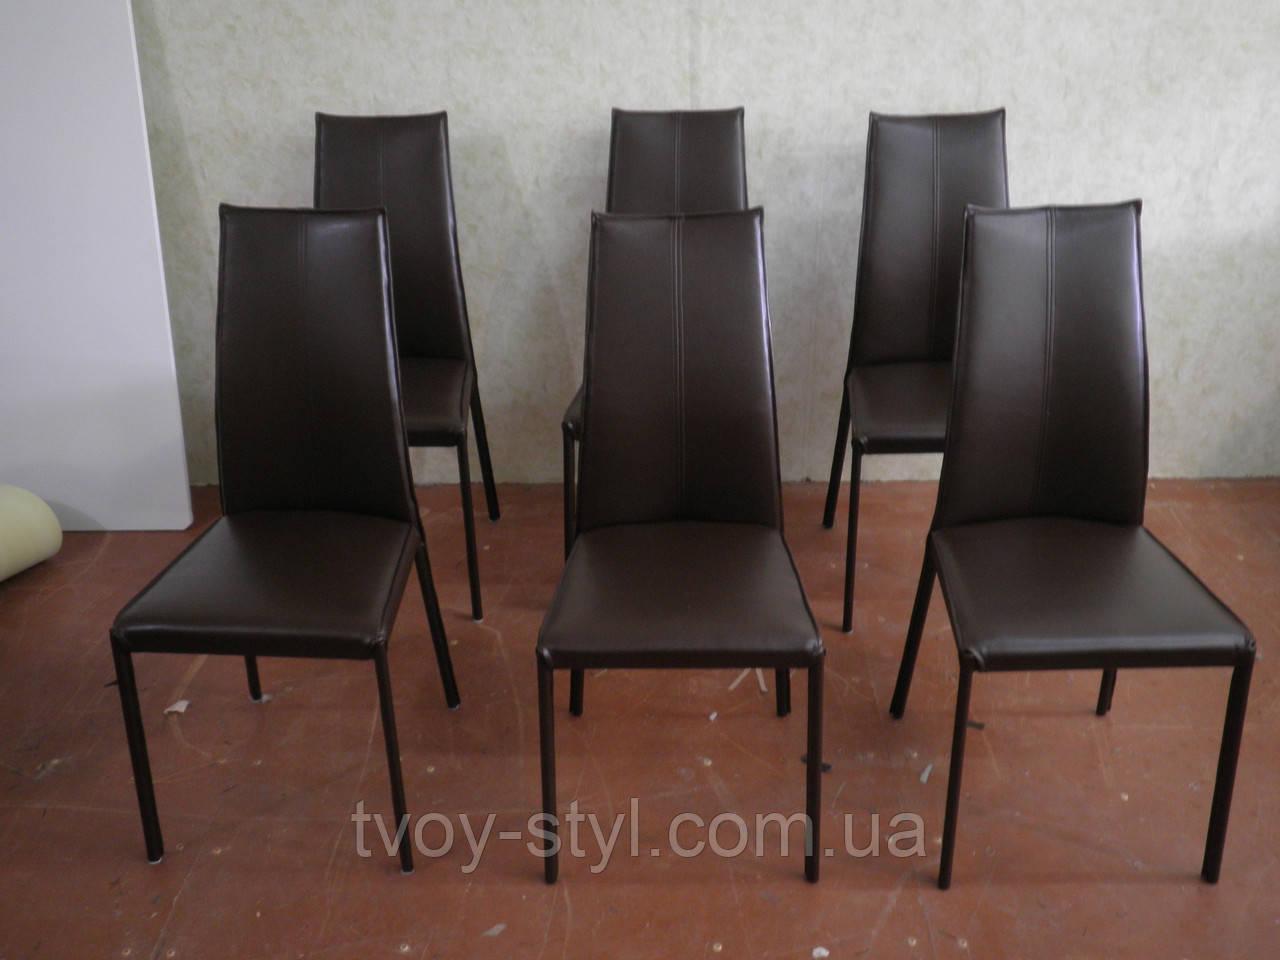 Обивка стульев в кожзам